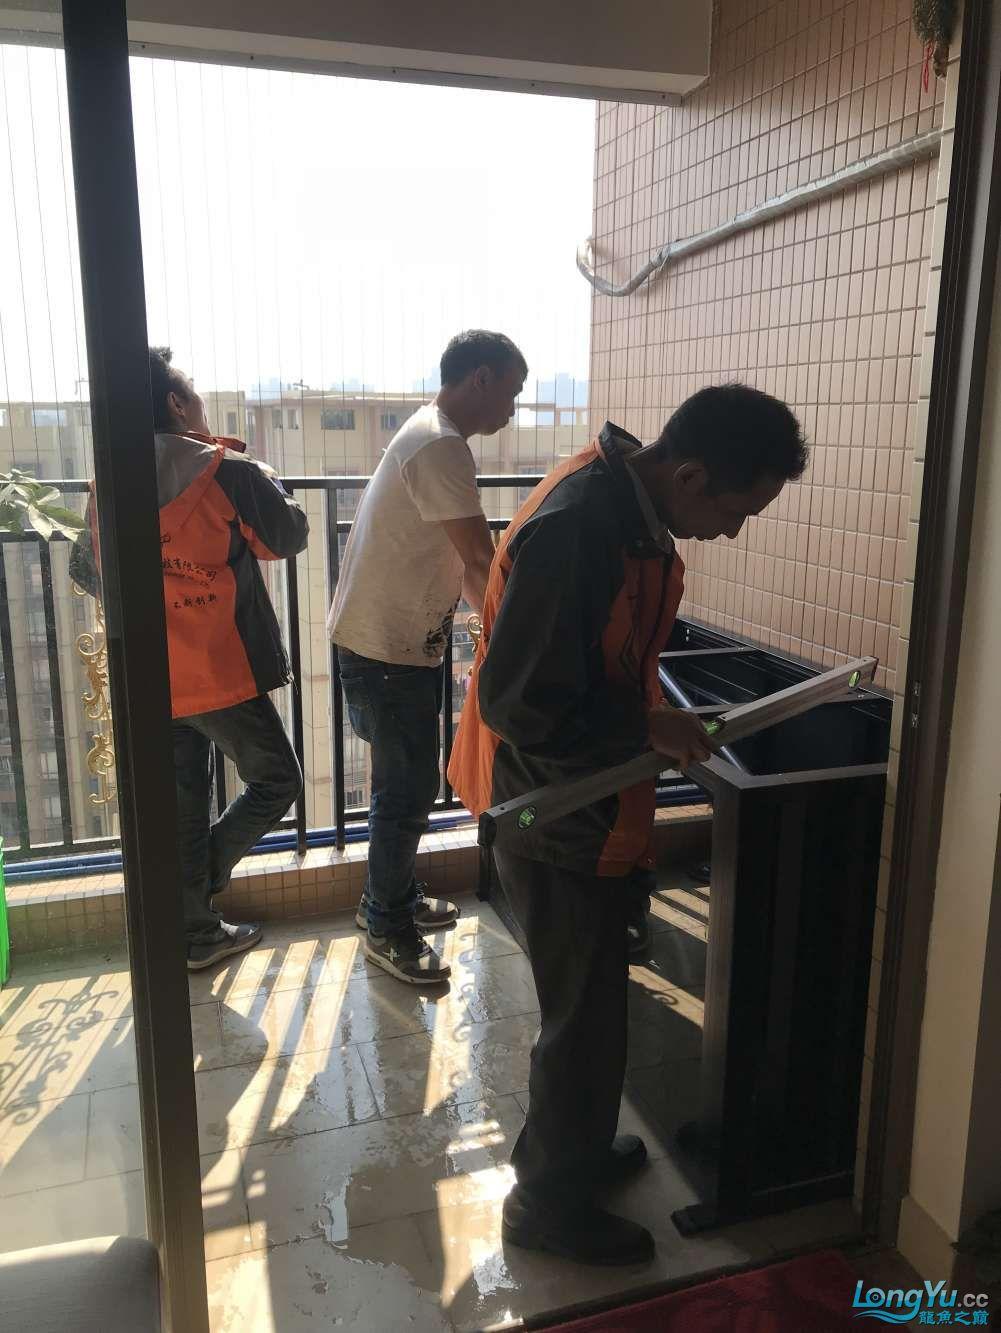 重庆粗线银板鱼哪个店的最好新人再次入水开缸大吉 重庆观赏鱼 重庆水族批发市场第36张